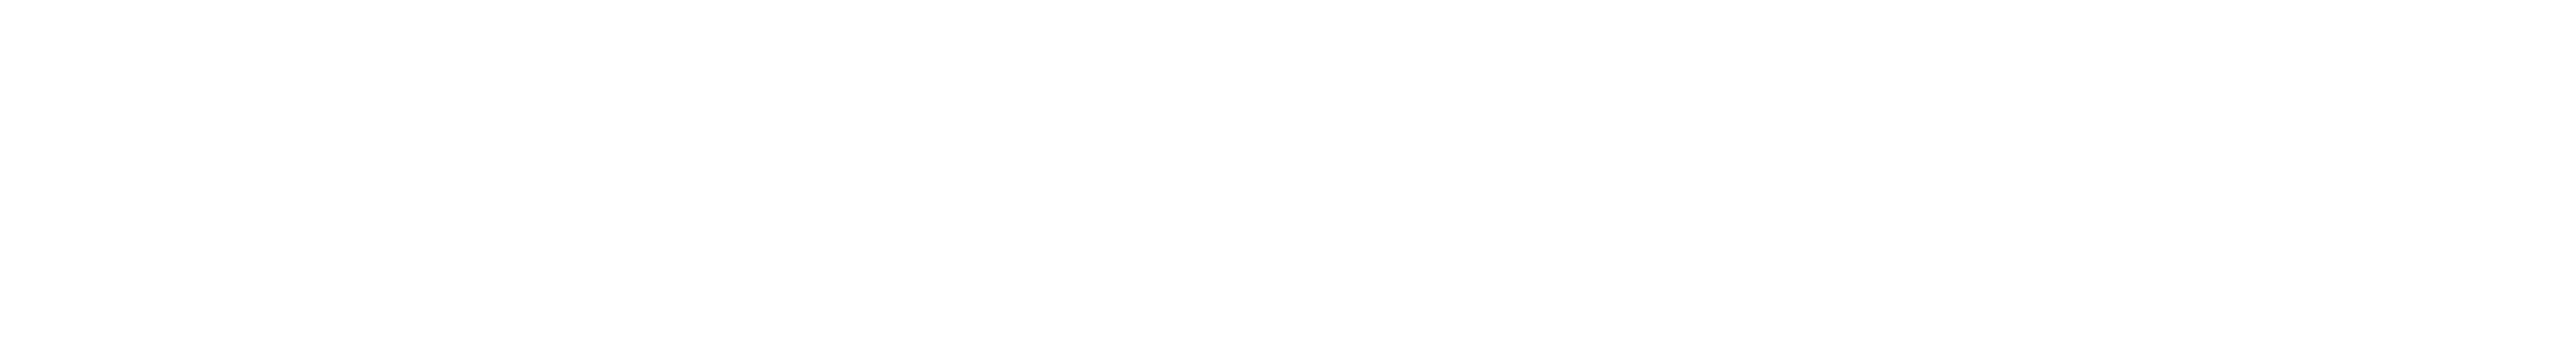 Estatebidz